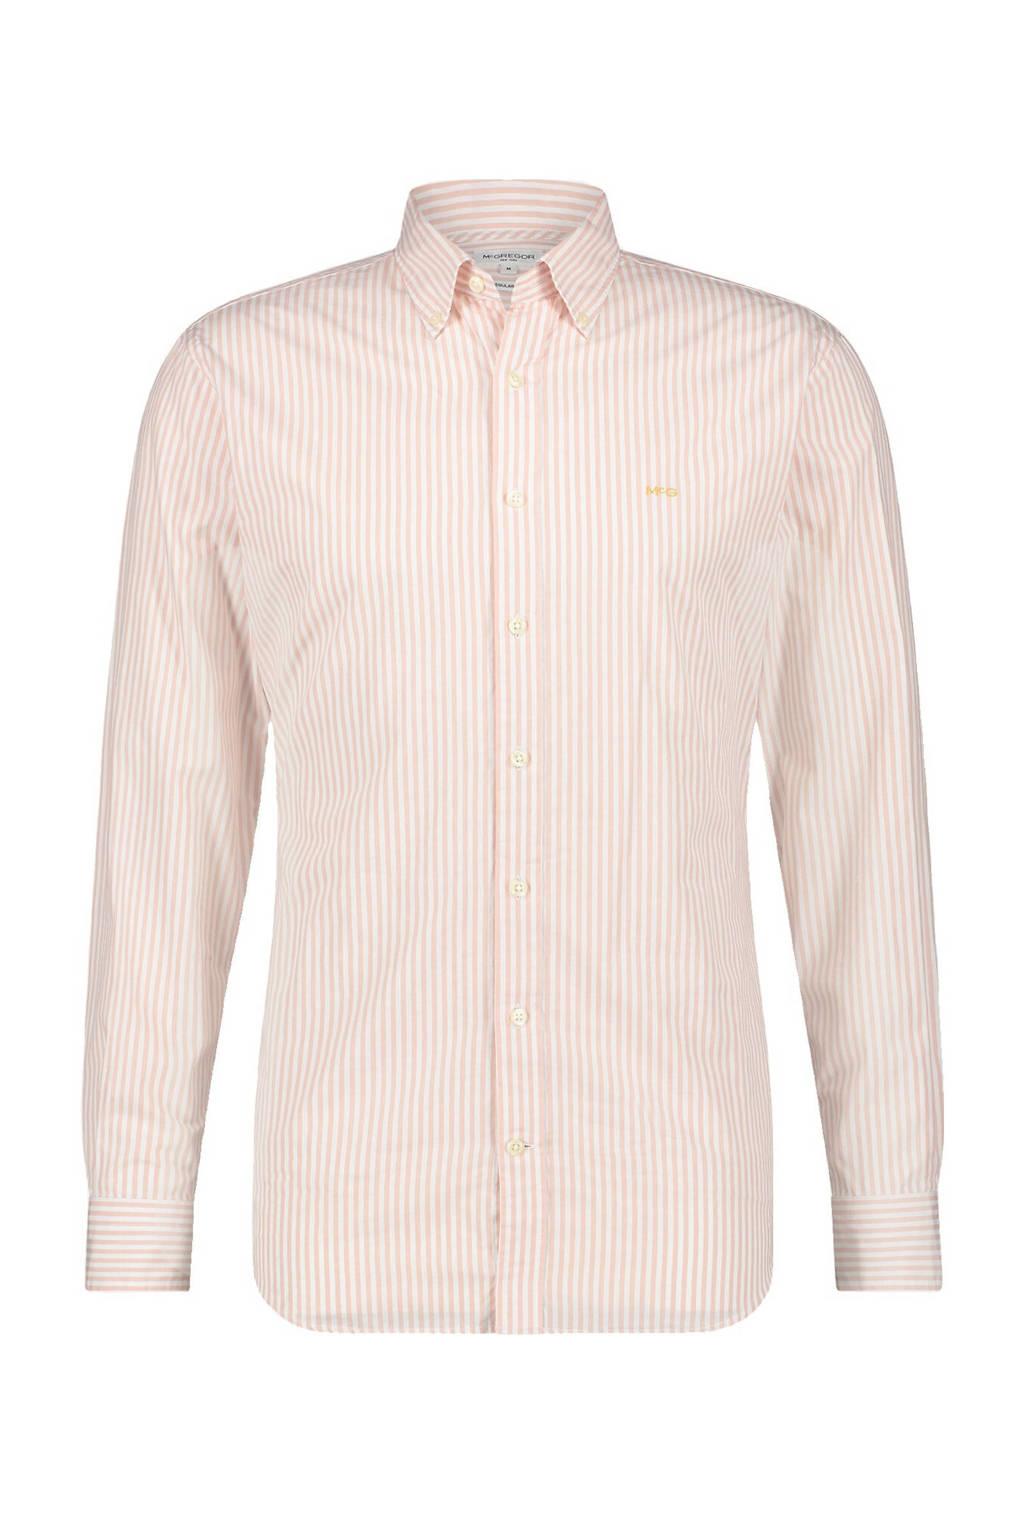 McGregor gestreept regular fit overhemd lichtroze/wit, Lichtroze/wit